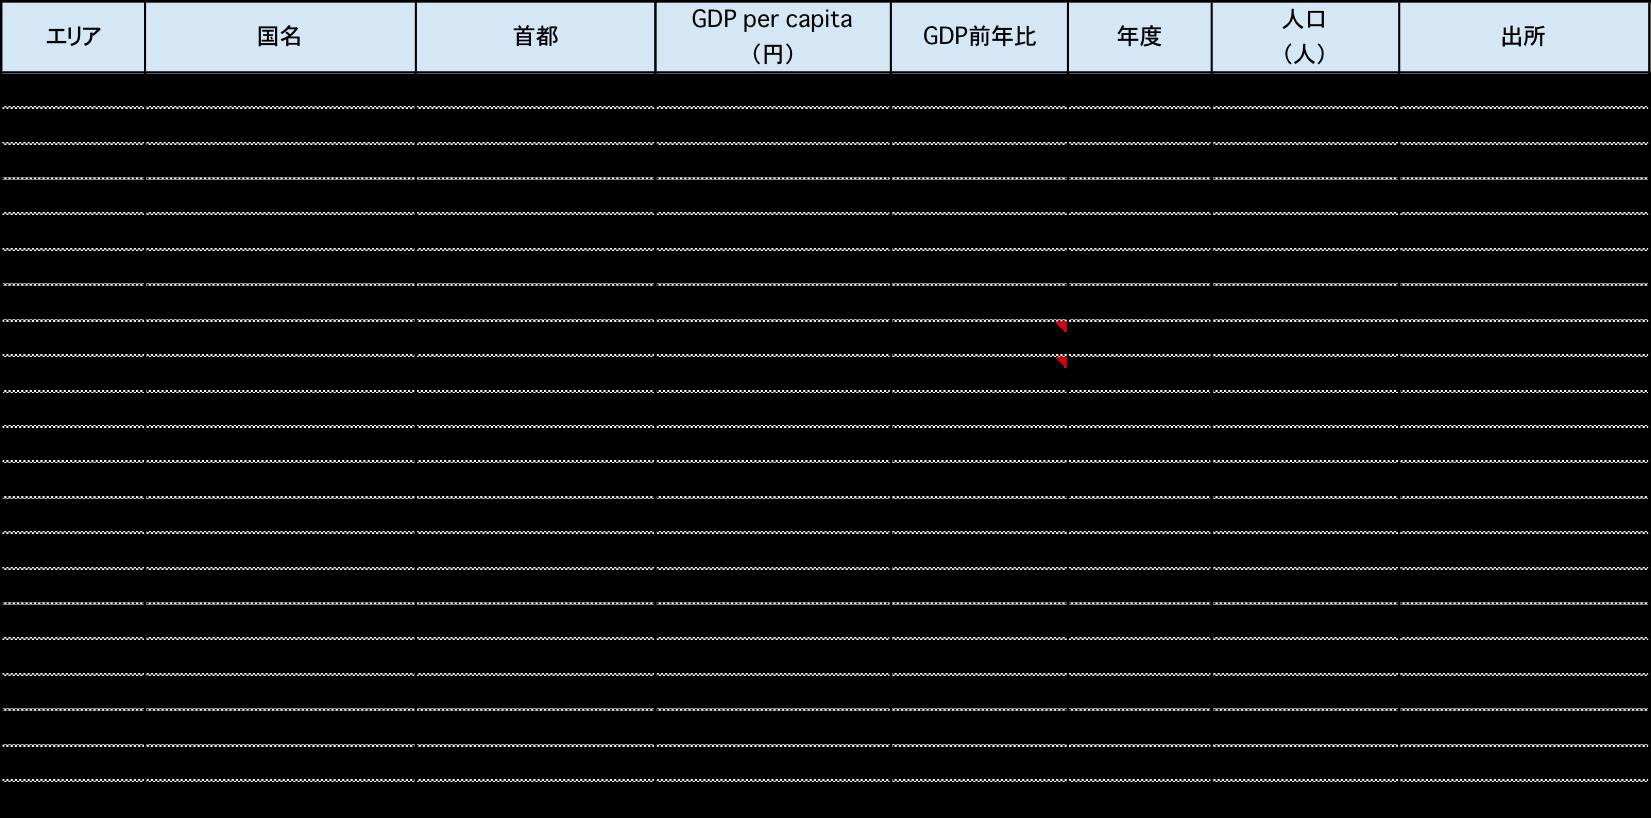 アフリカ各国の一人当たりGDP比較